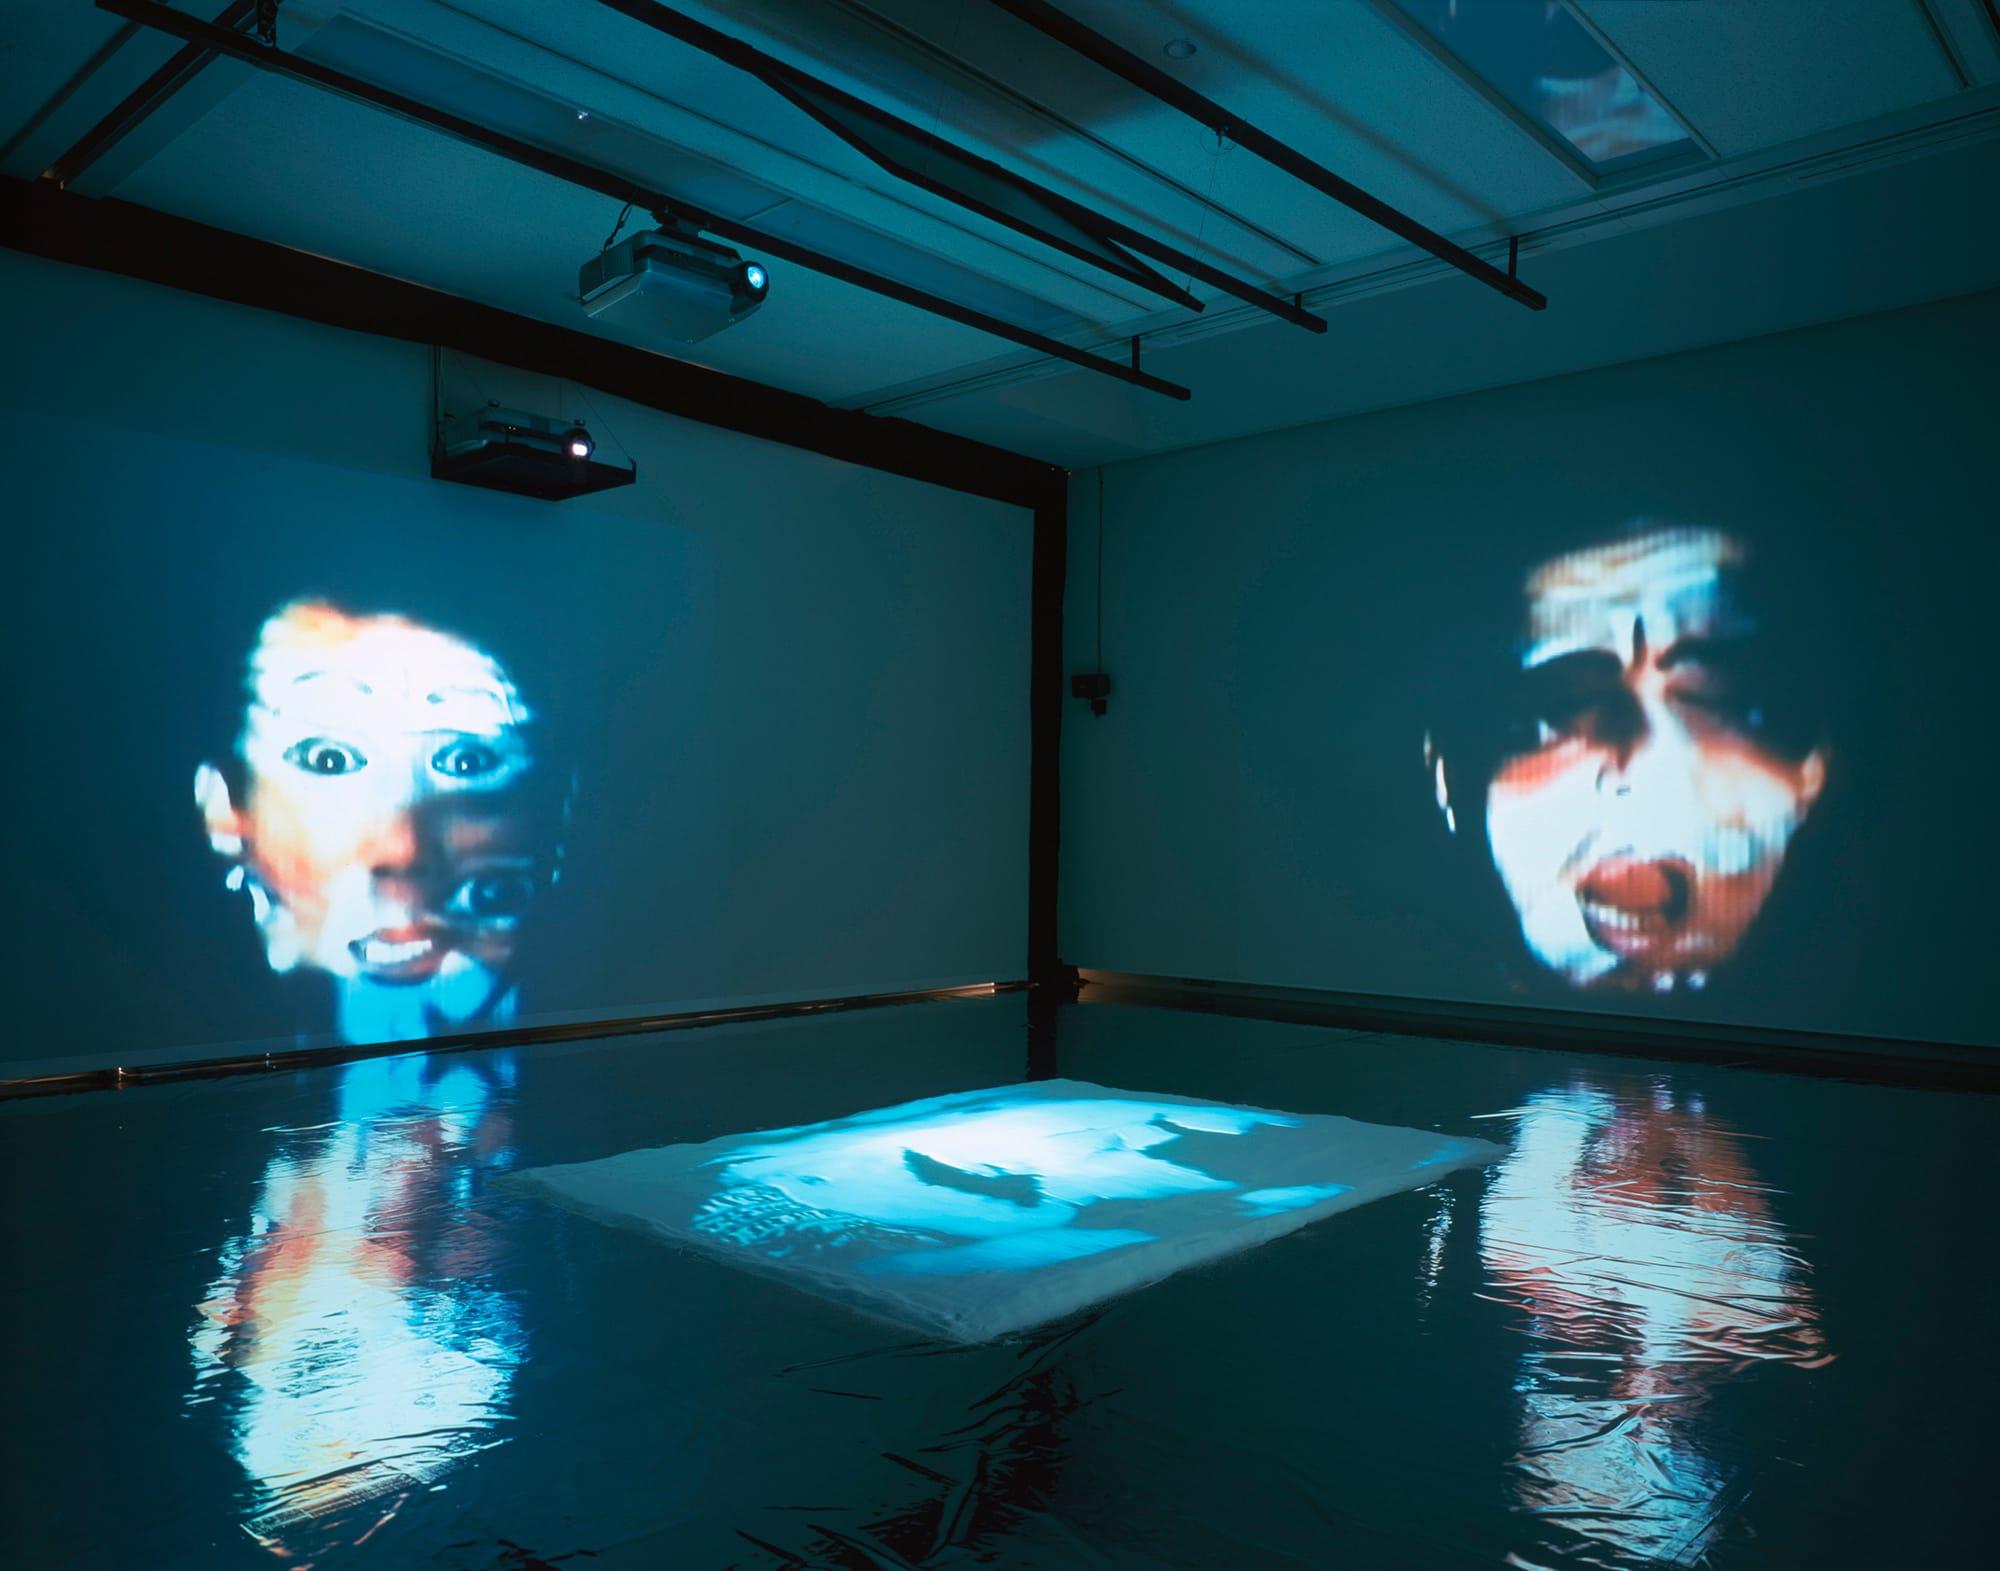 ナリニ・マラニ《ハムレットマシン》1999-2000、福岡アジア美術館蔵